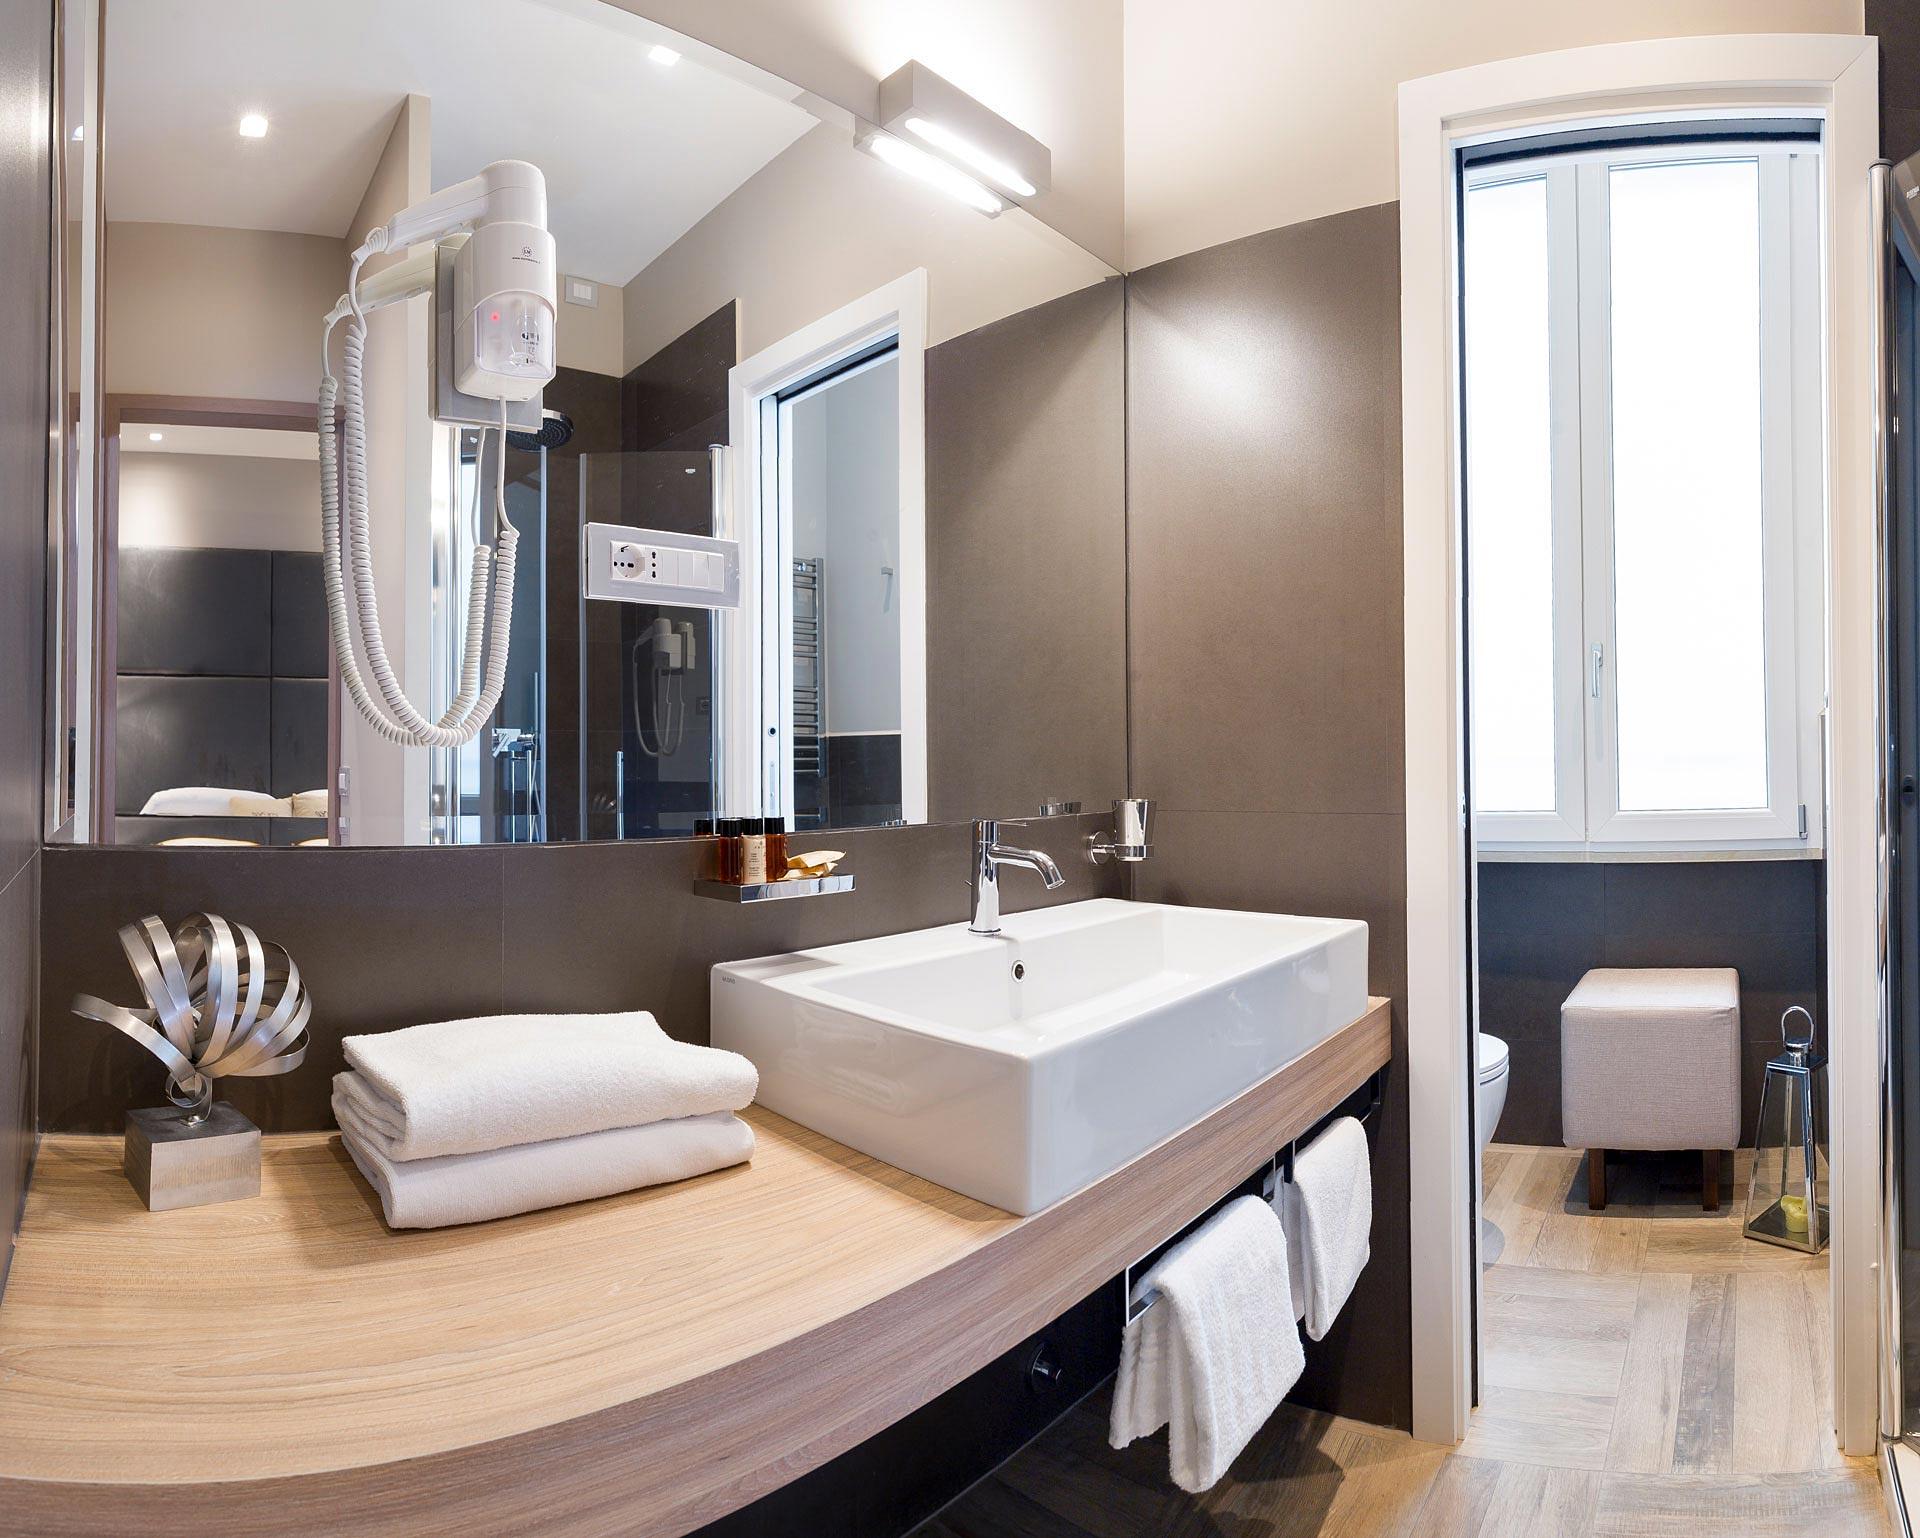 foto-albergo-roma-fotografo-architettura-interni-11